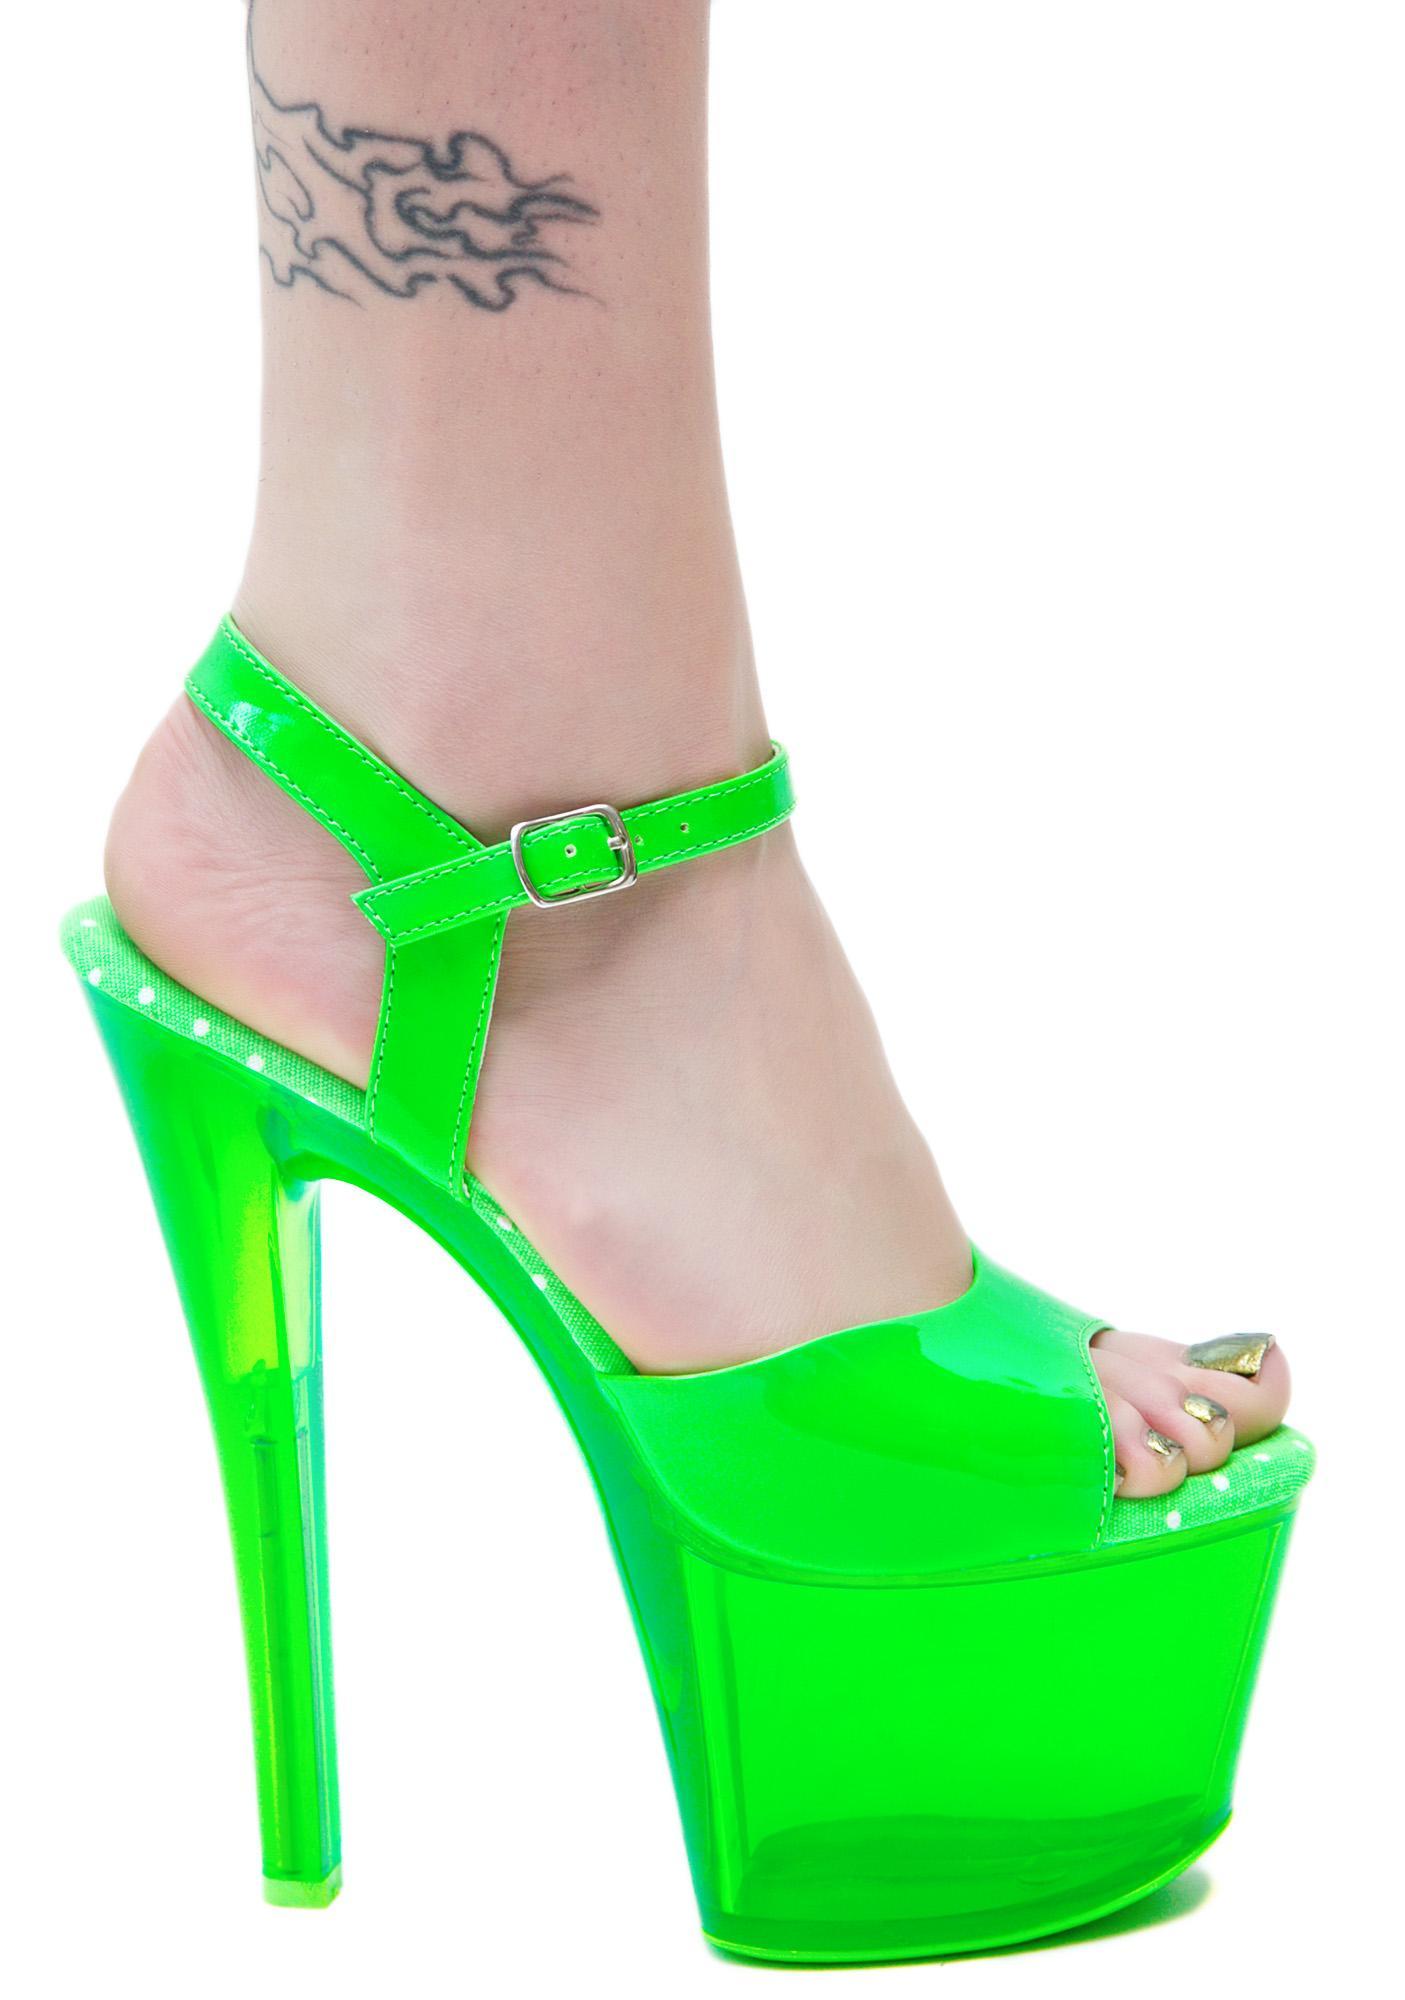 Neon Green Platform Heels